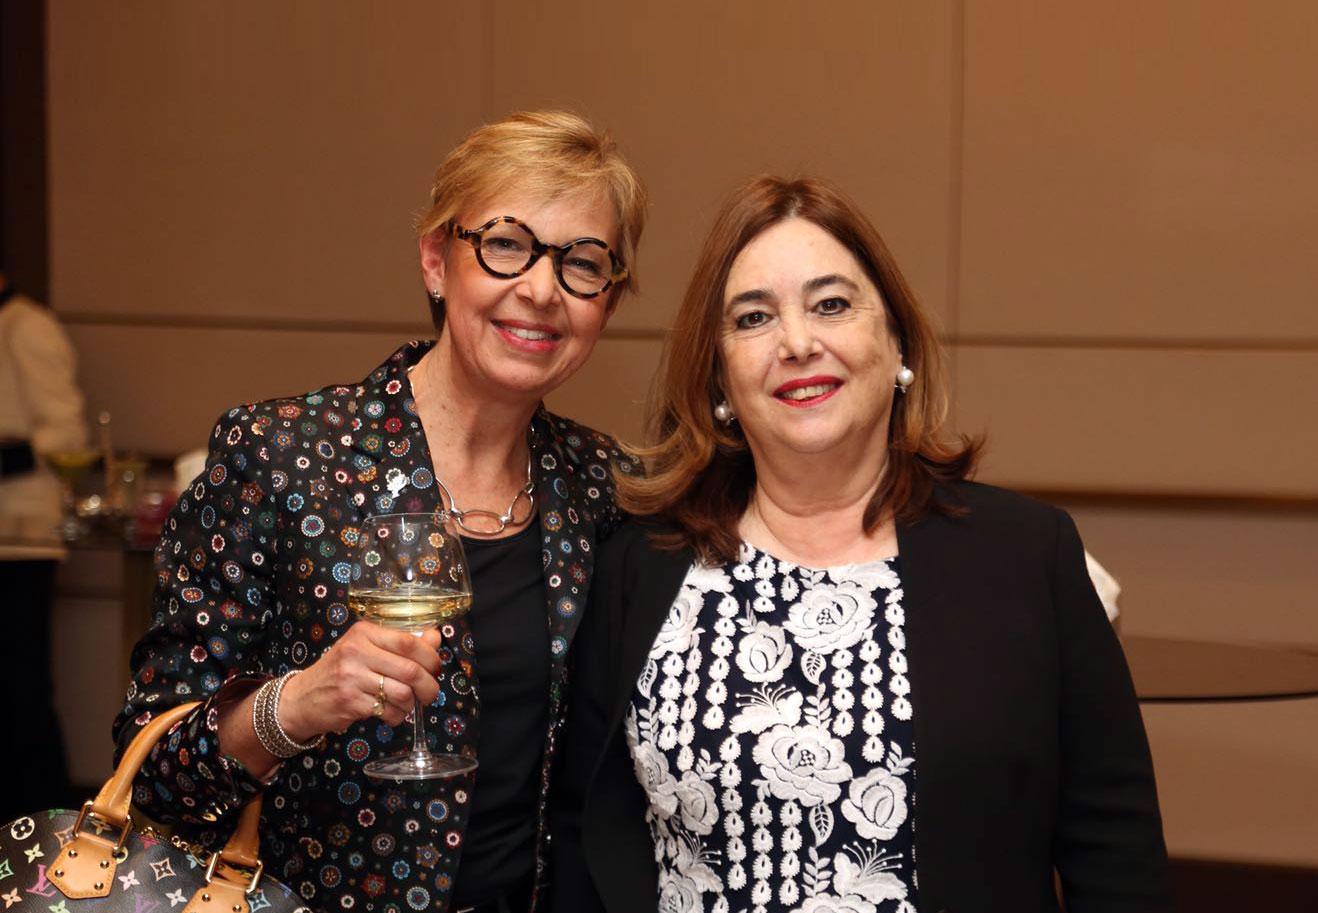 Brenda Trenowden & Gulden Turktan - 30% Club